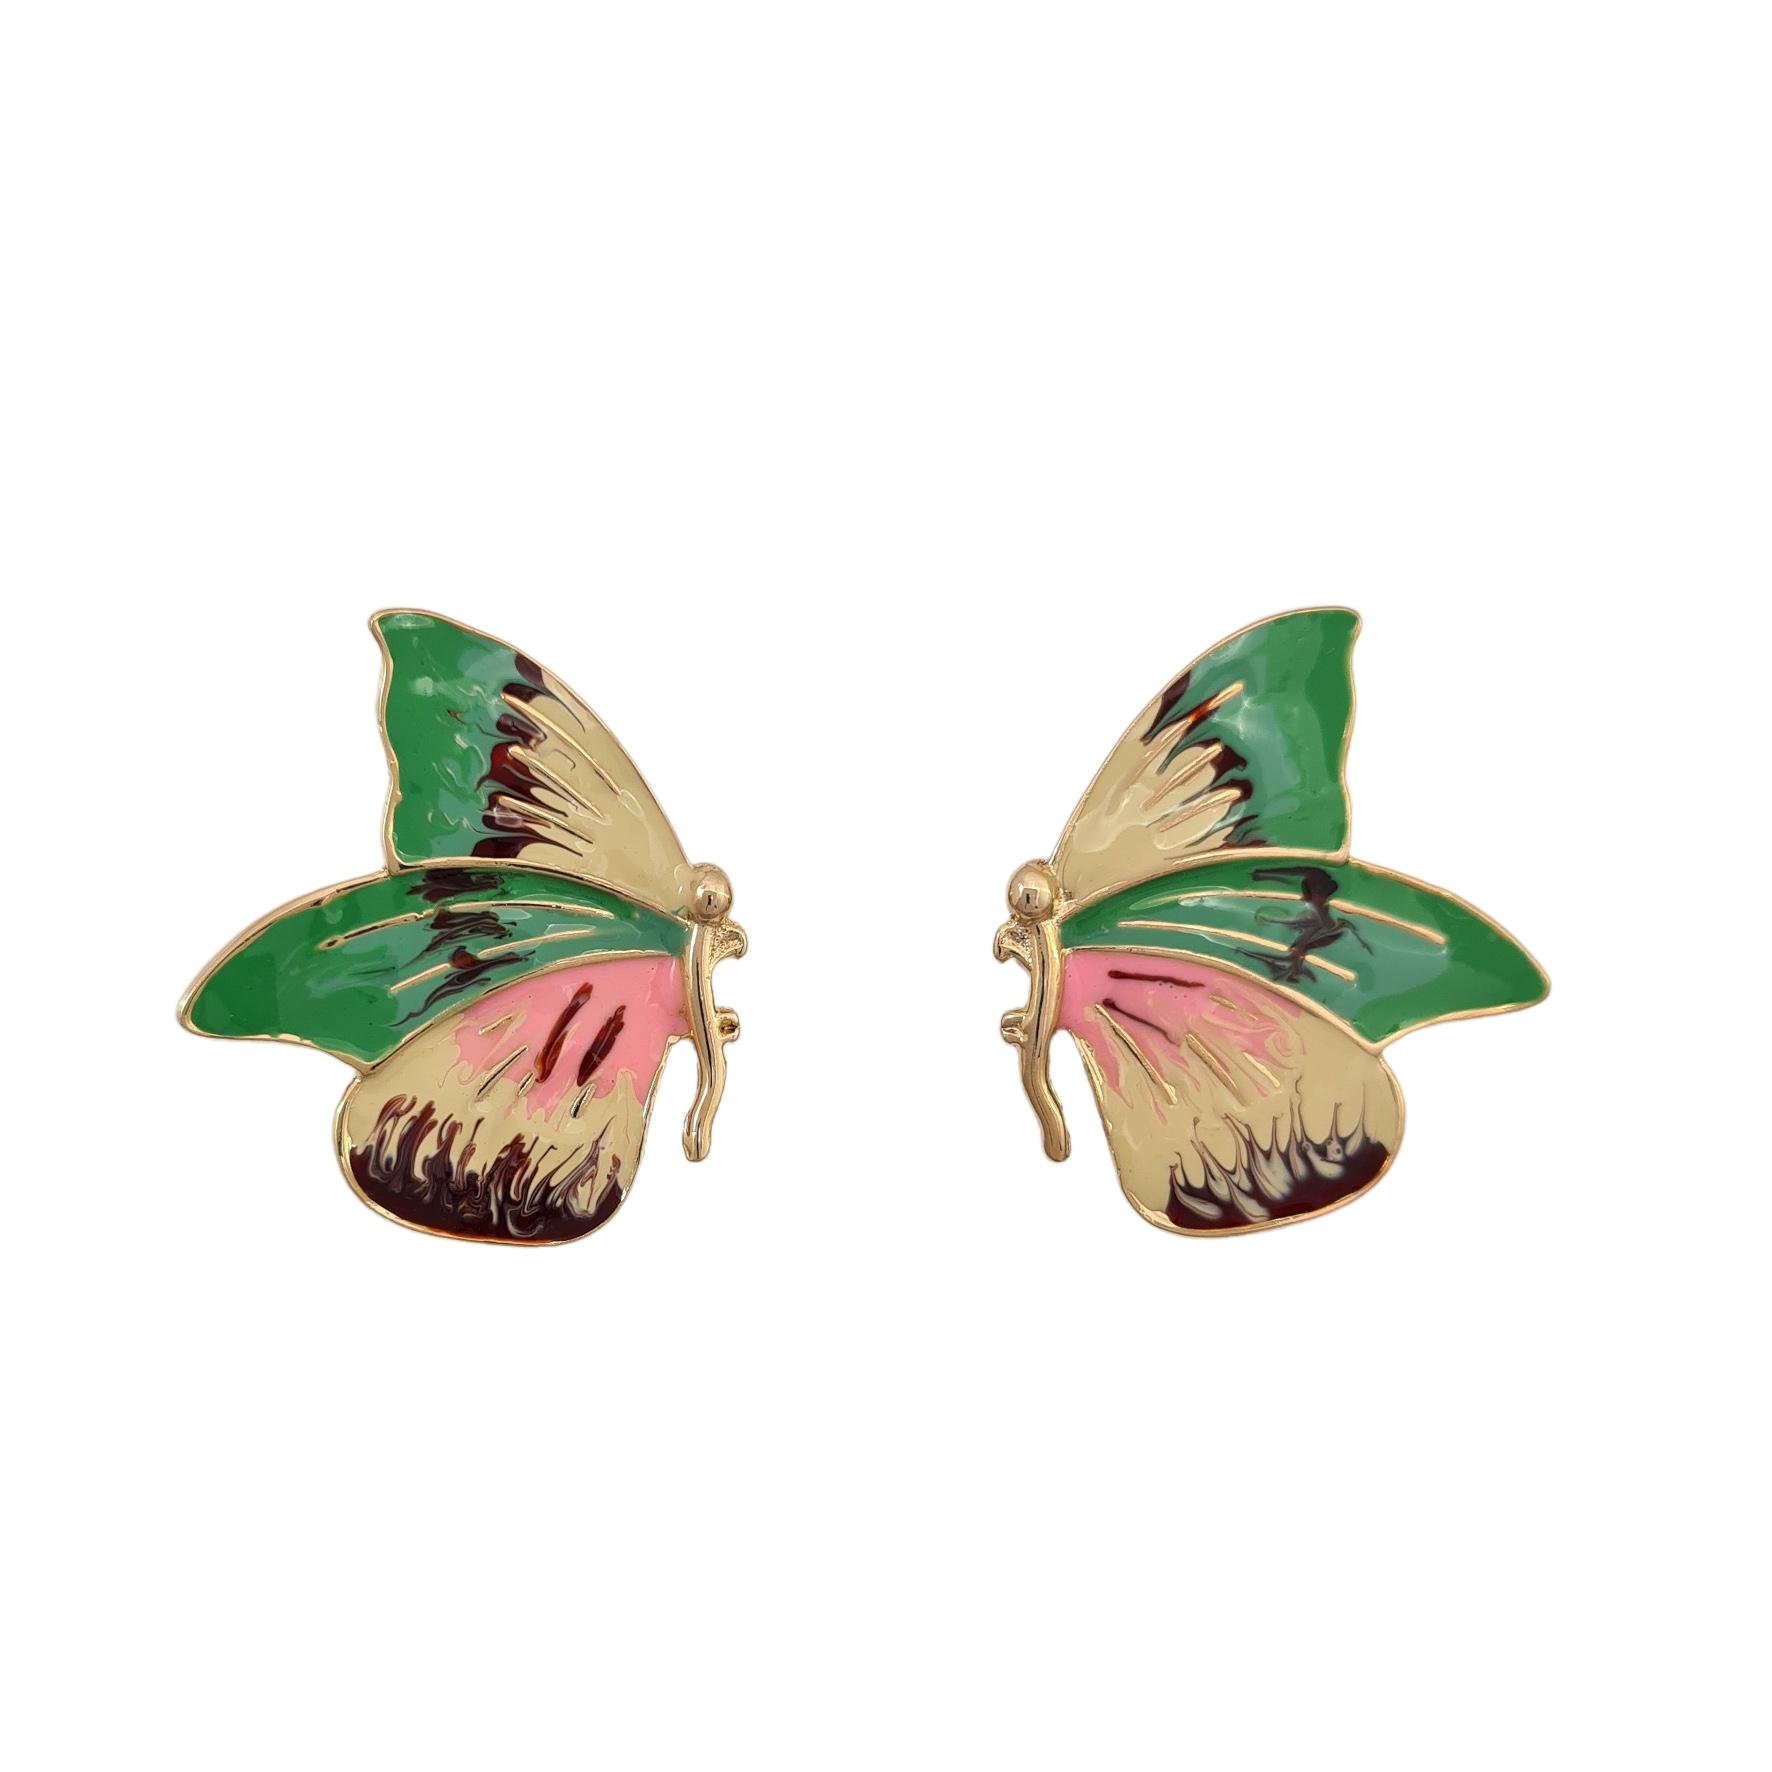 Brinco borboleta esmaltada colorida banhado a ouro 18k